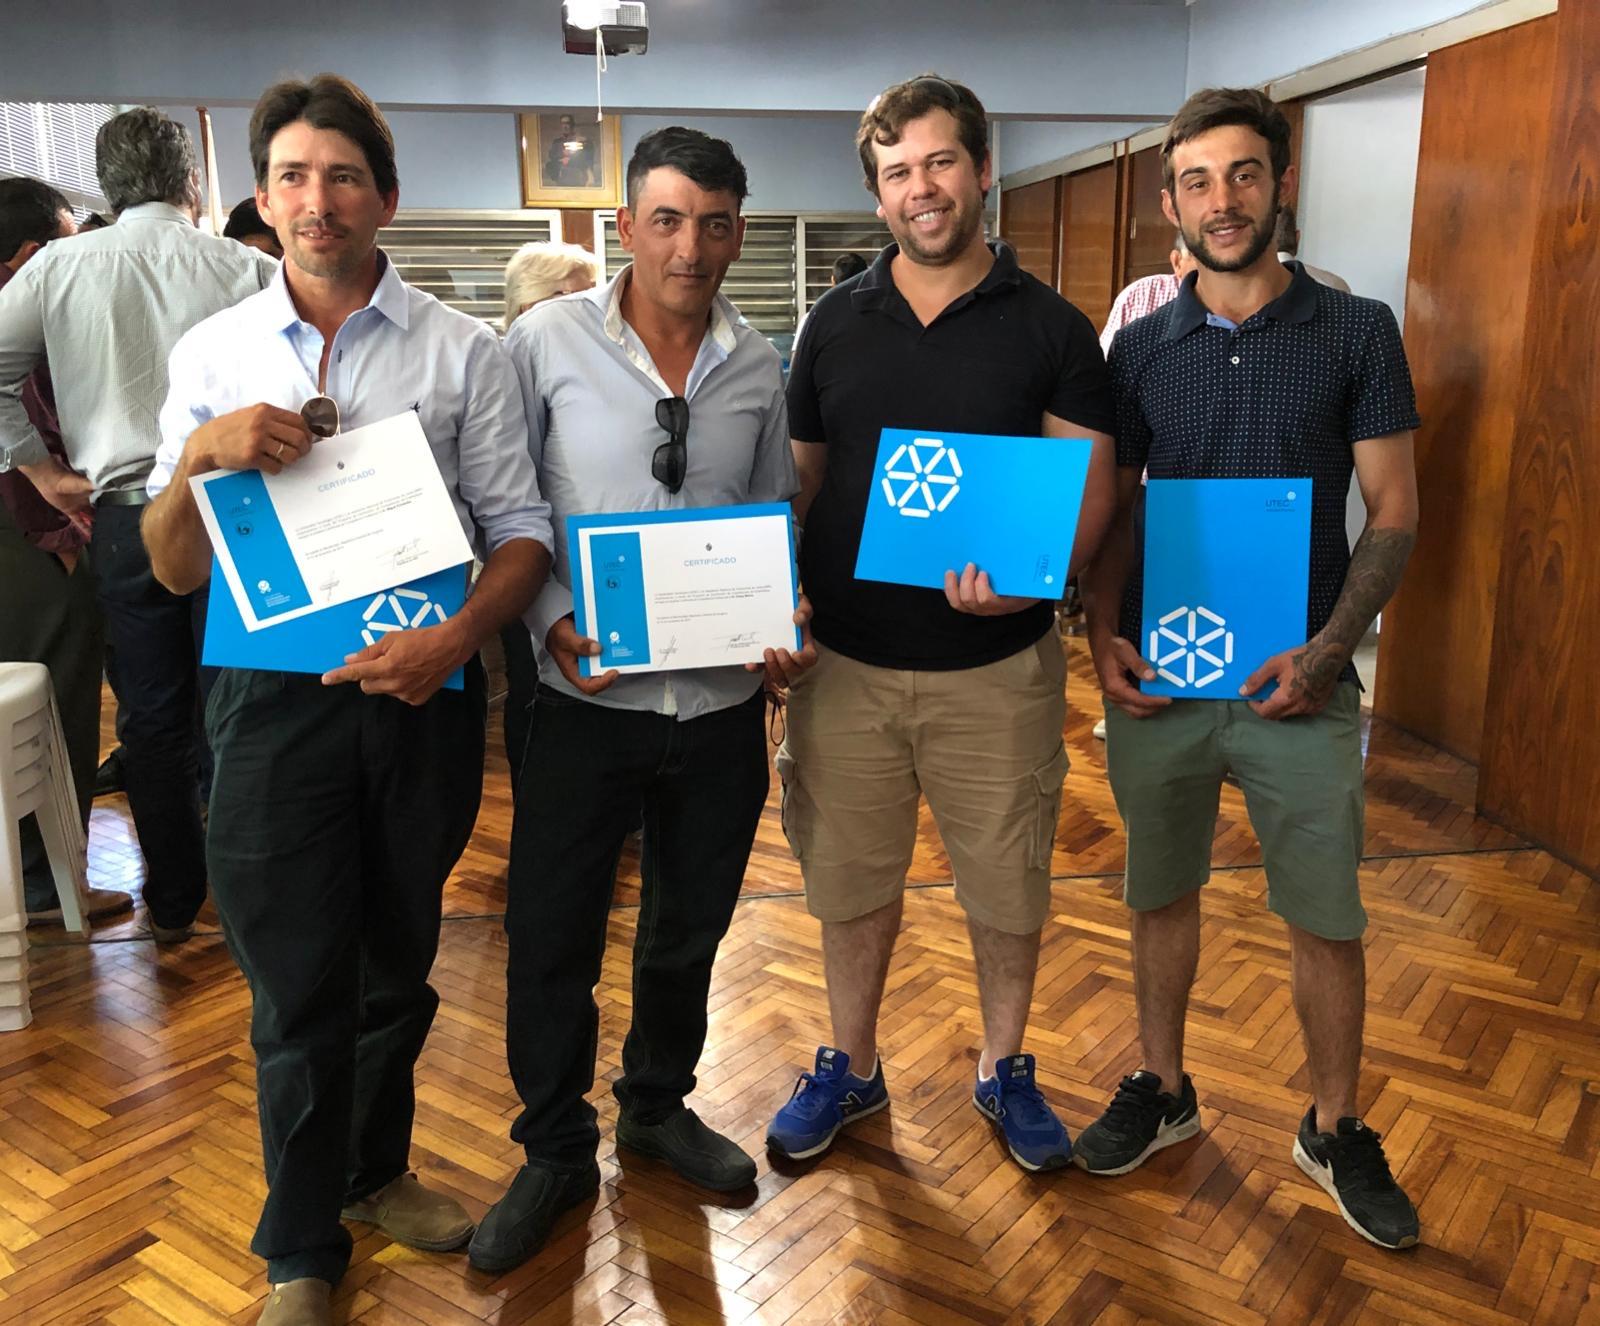 Se entregaron los primeros certificados de competencias a ordeñadores, programa piloto de UTEC y la ANPL